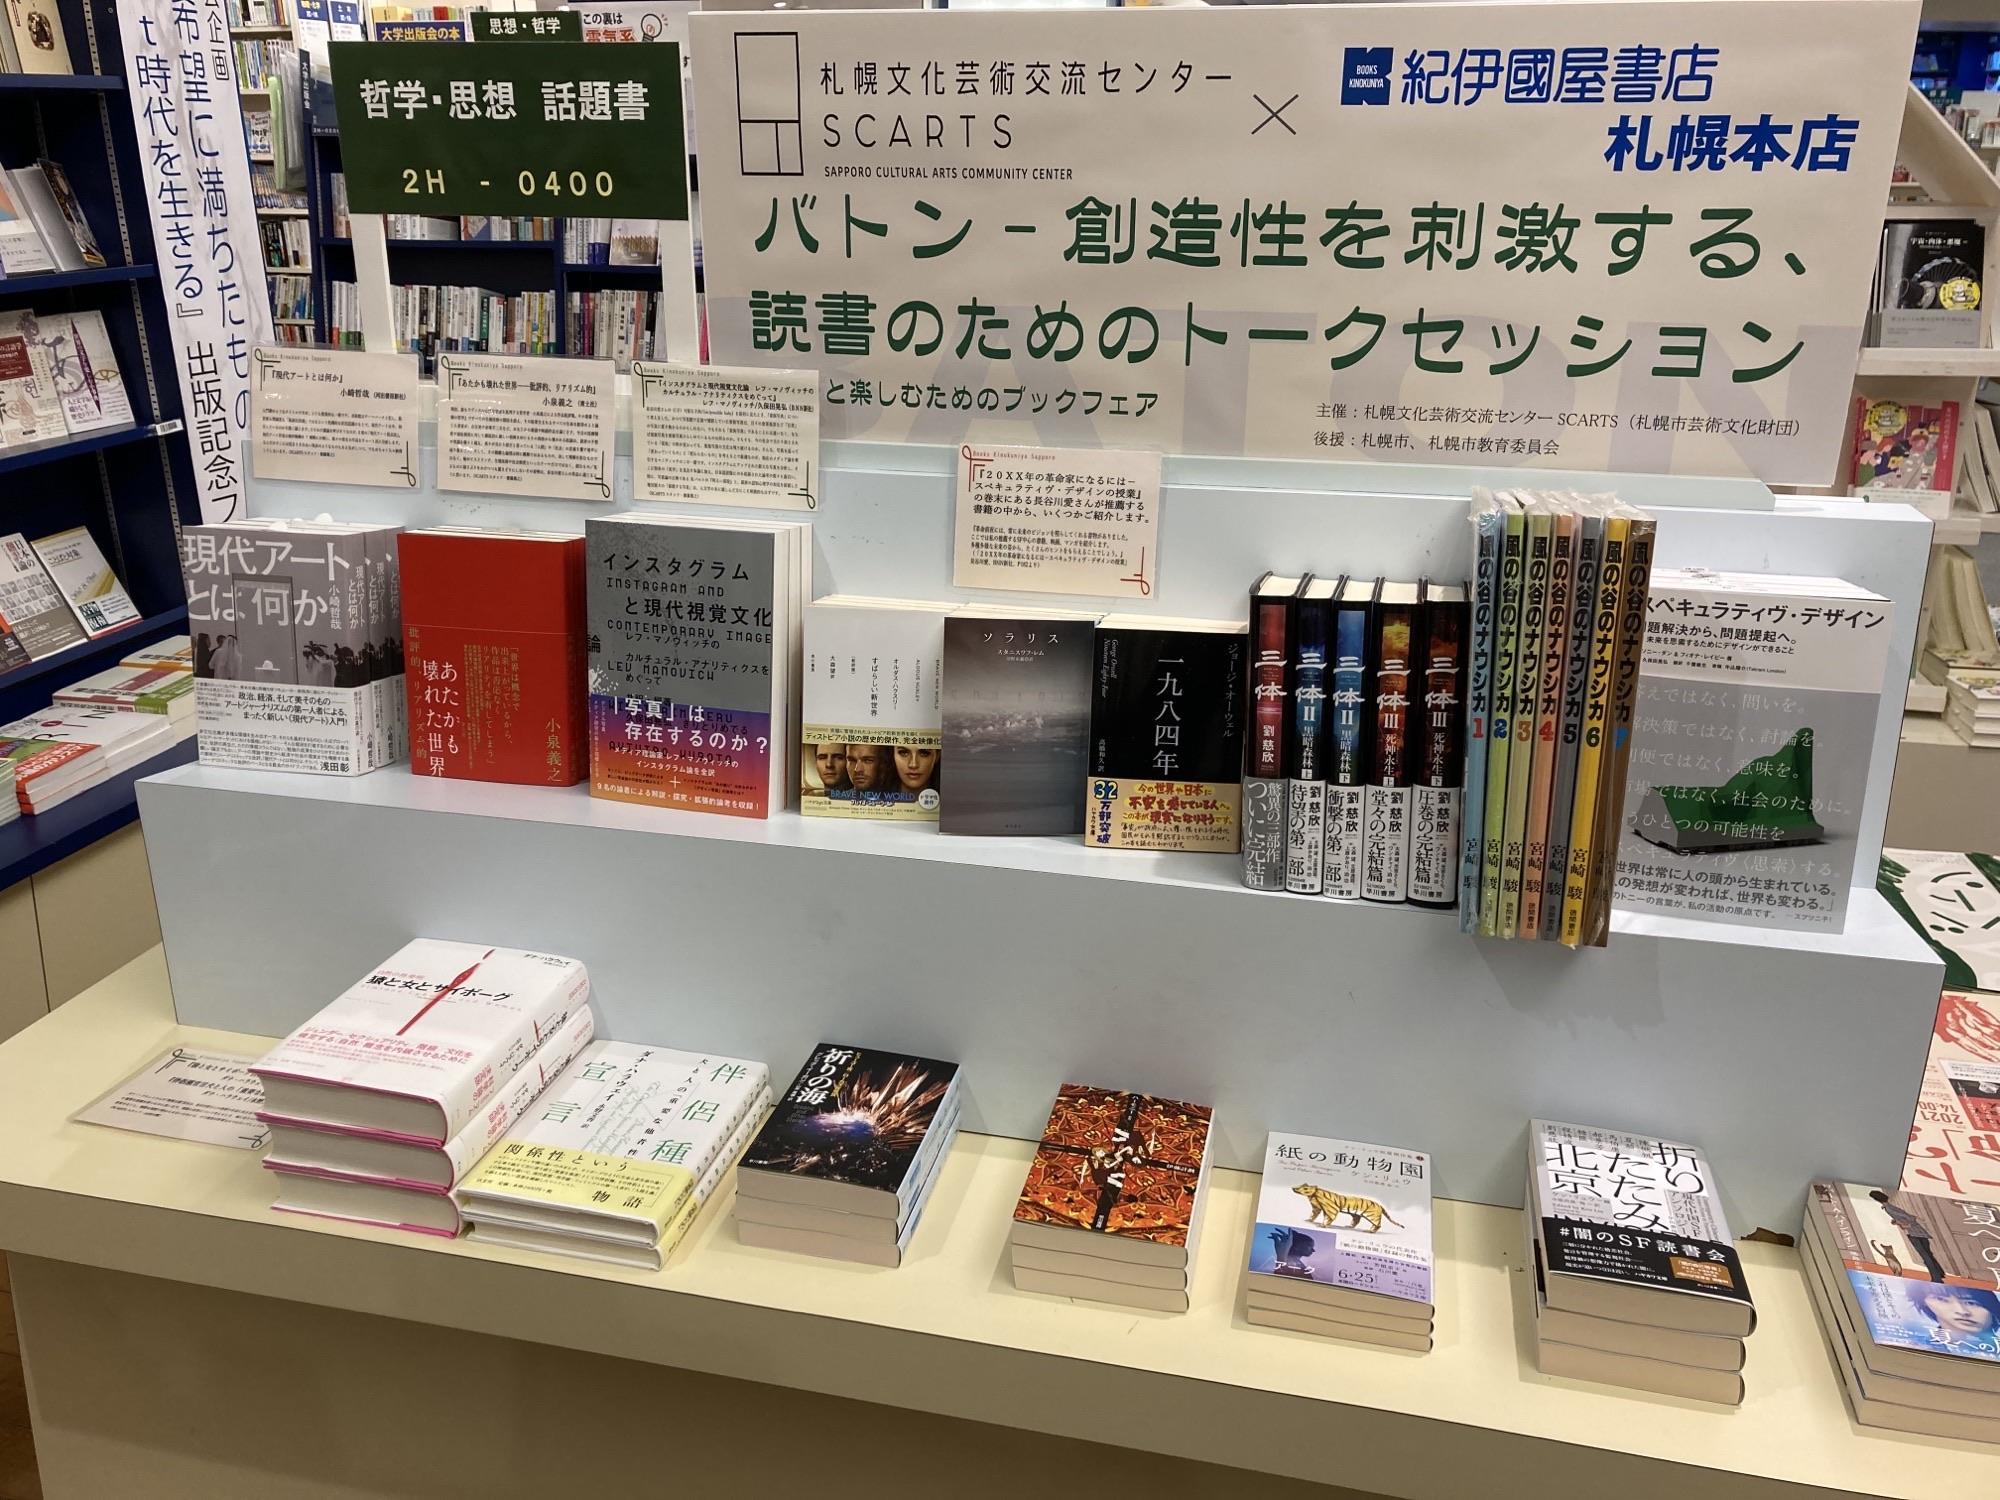 紀伊國屋書店:バトン ーー創造性を刺激する、読書のためのトークセッション」をもっと楽しむためのブックフェア